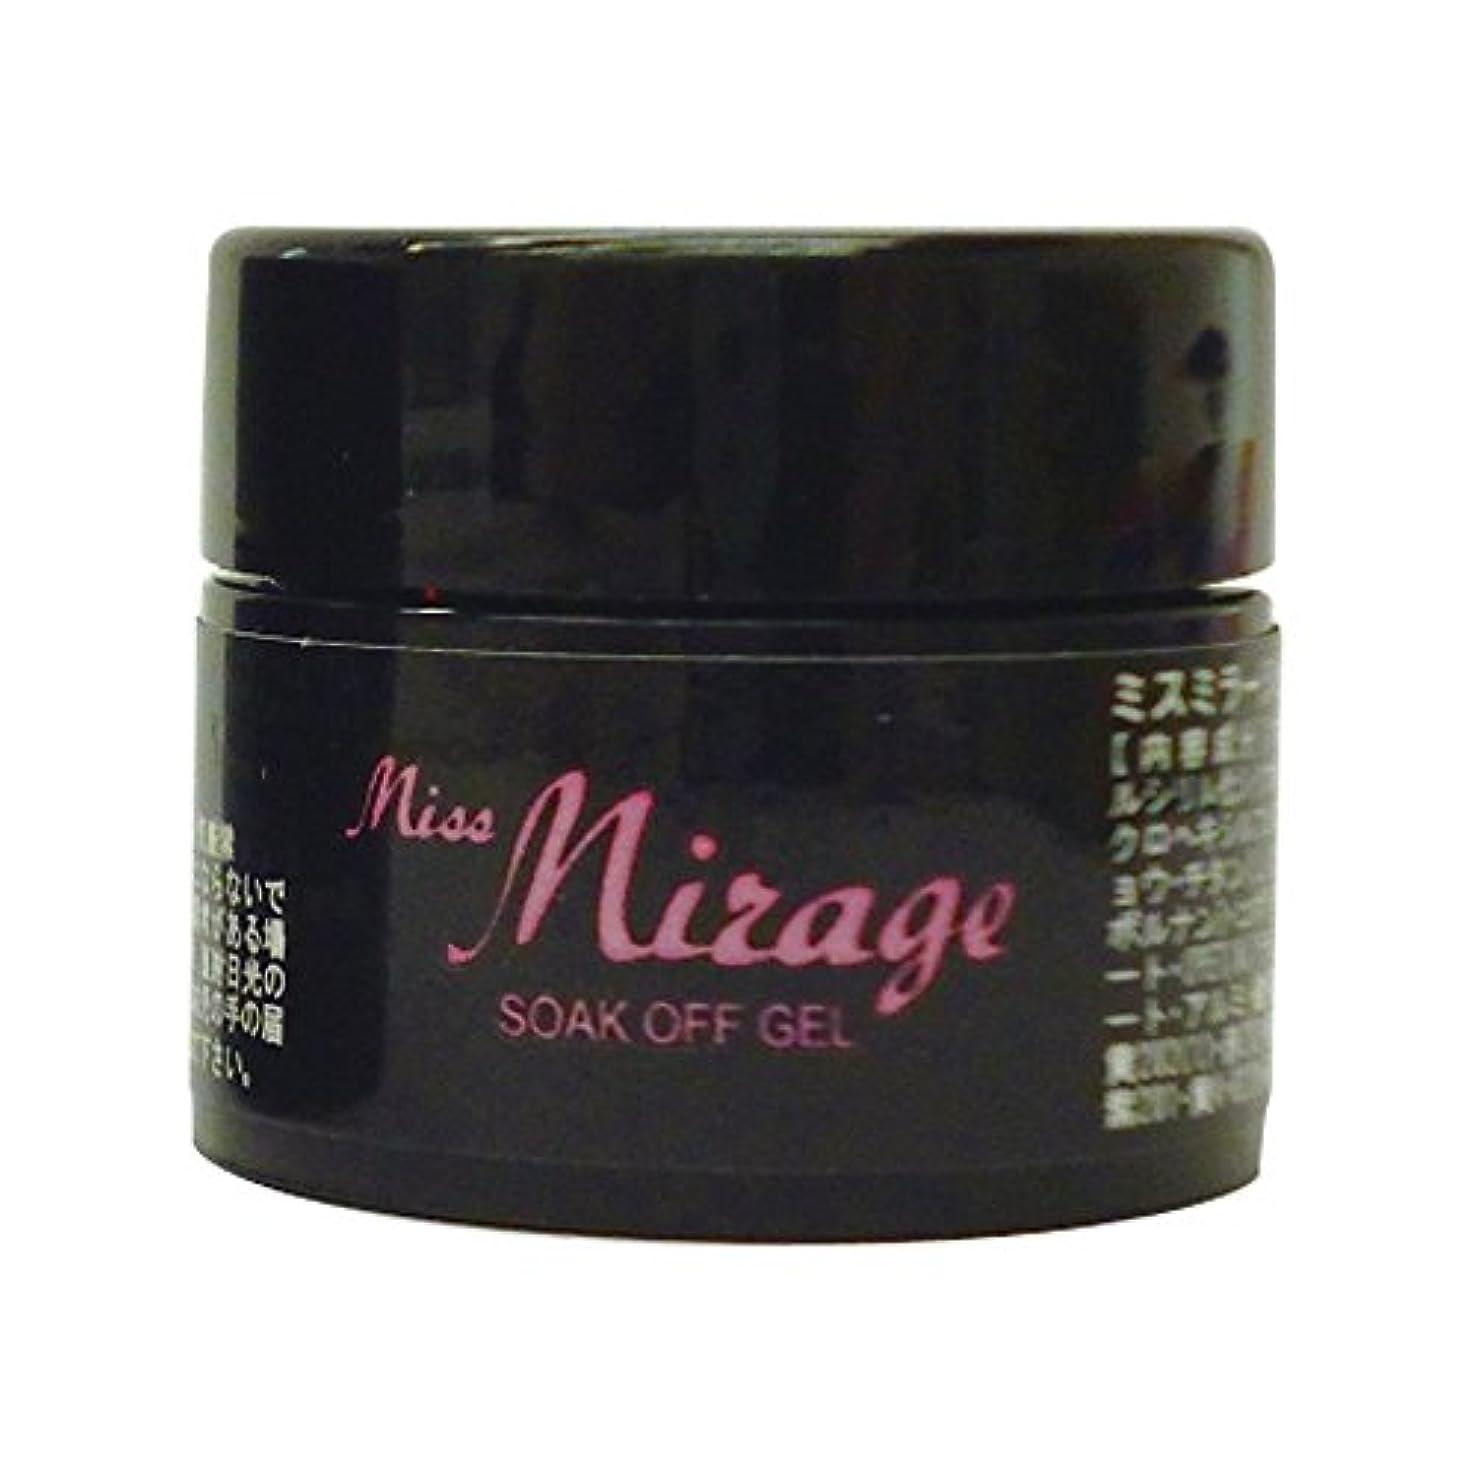 復活する法律により定義Miss Mirage ソークオフジェル TM25S 2.5g トゥルーリーグレー